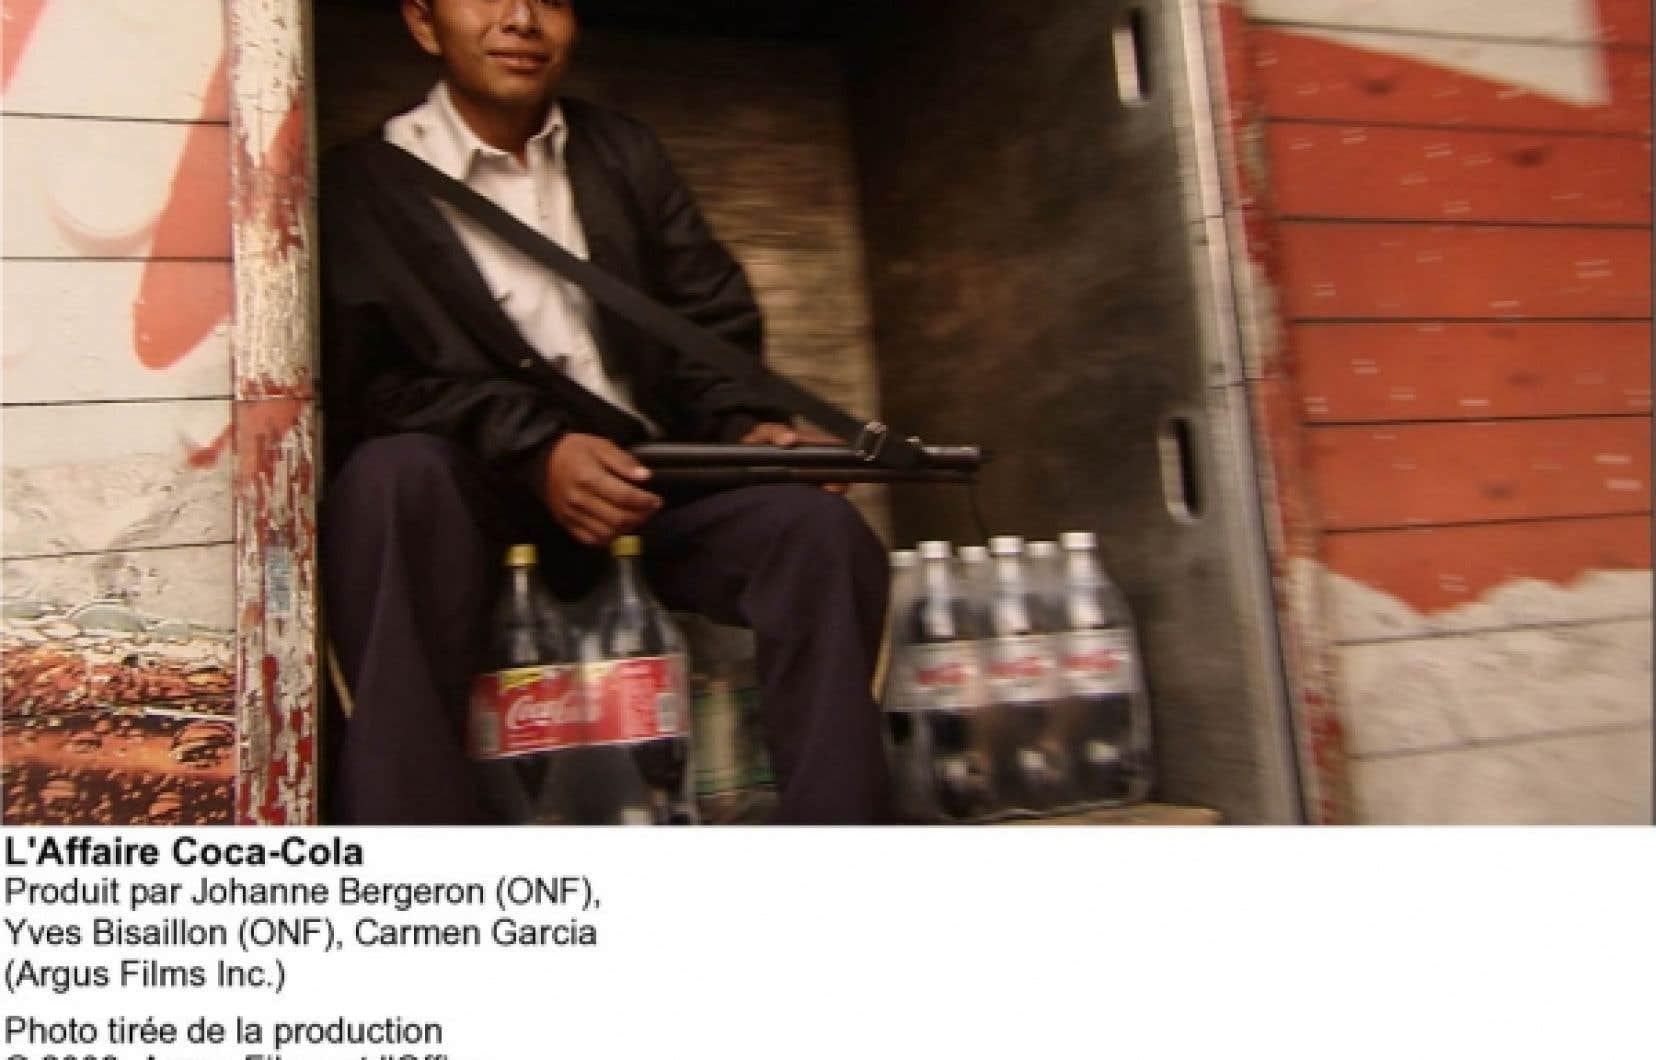 L'Affaire Coca-Cola a été tourné sur une longue période et aux quatre coins des Amériques.